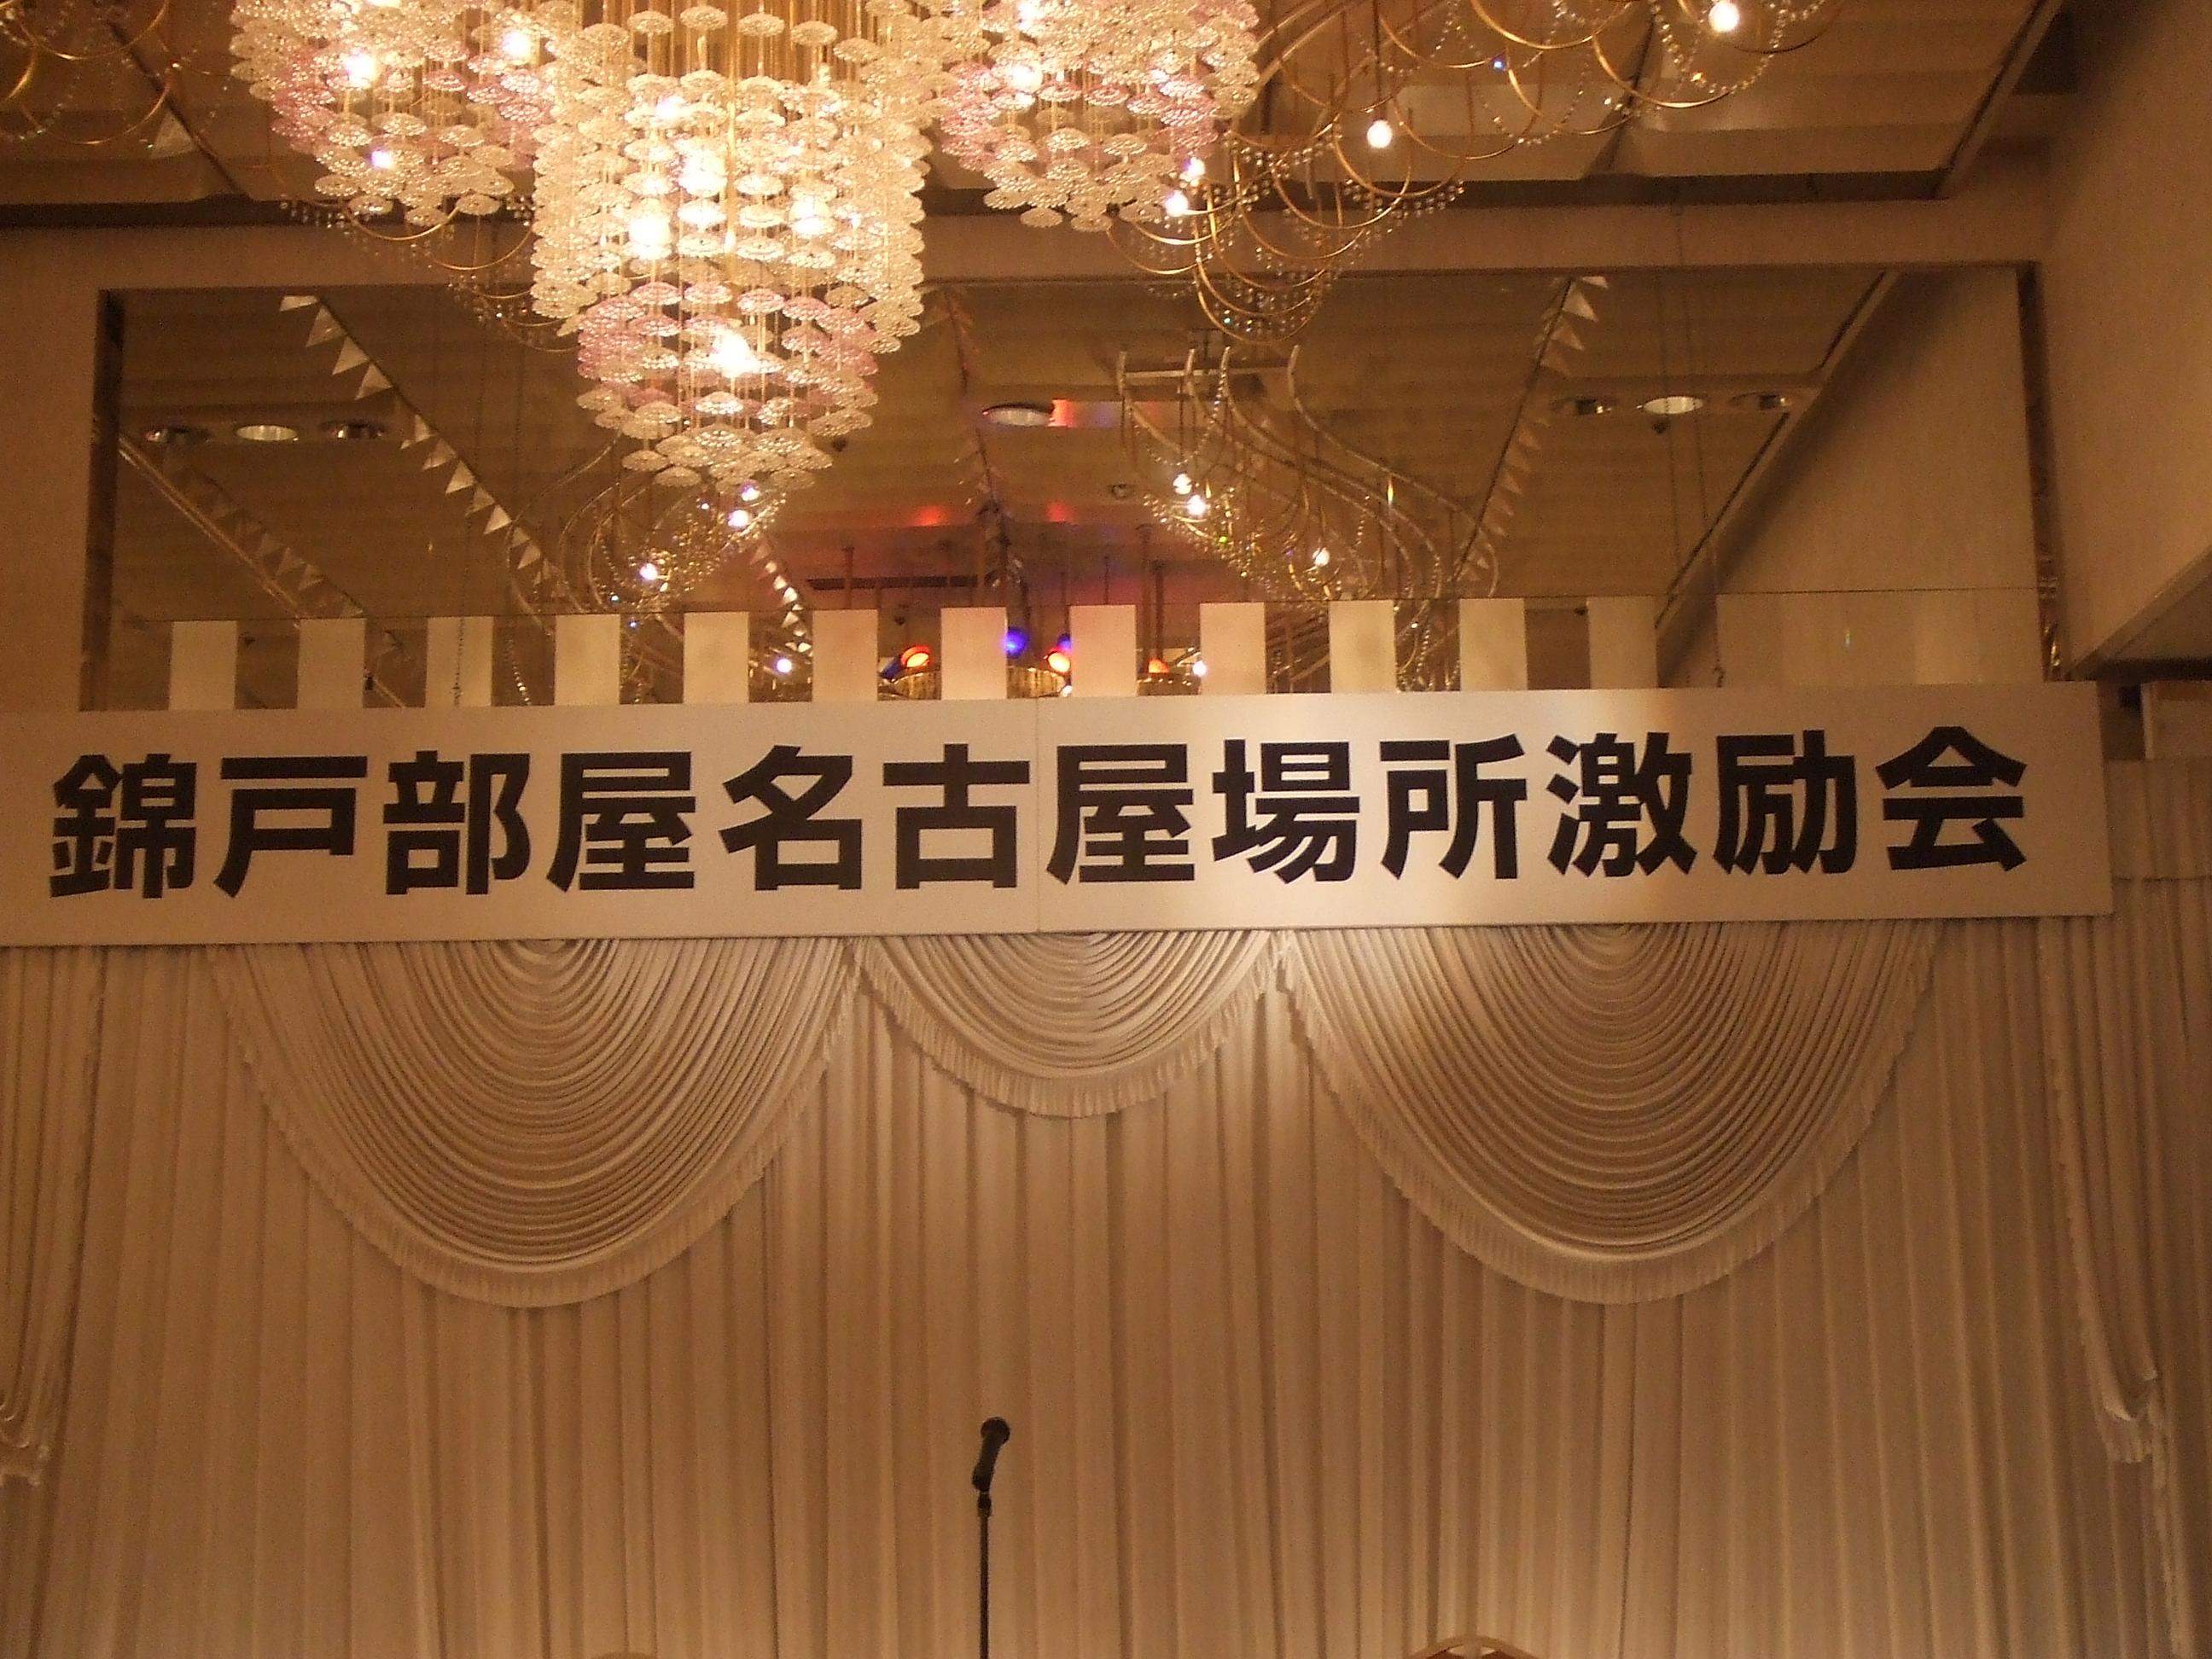 「相撲 後援会とは」の検索結果 - Yahoo!知恵袋